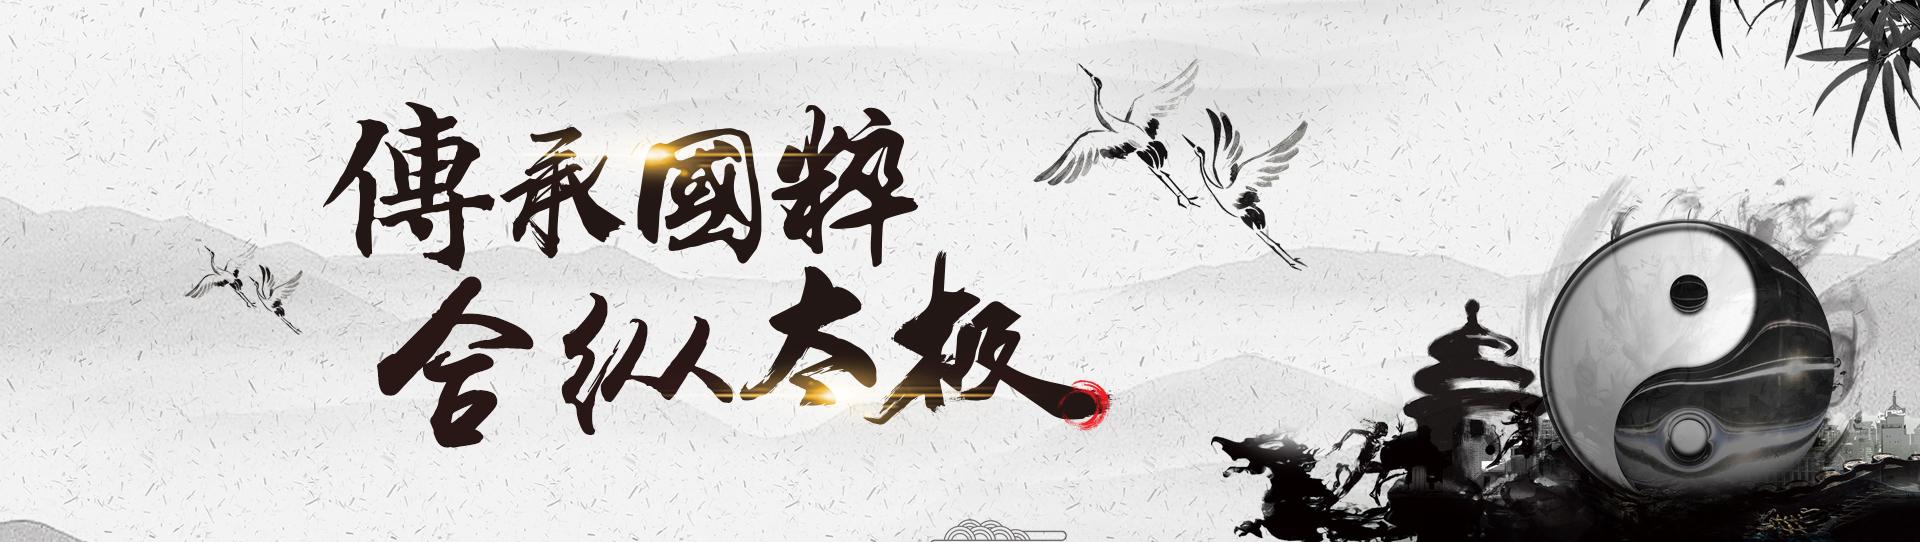 上海太极拳培训